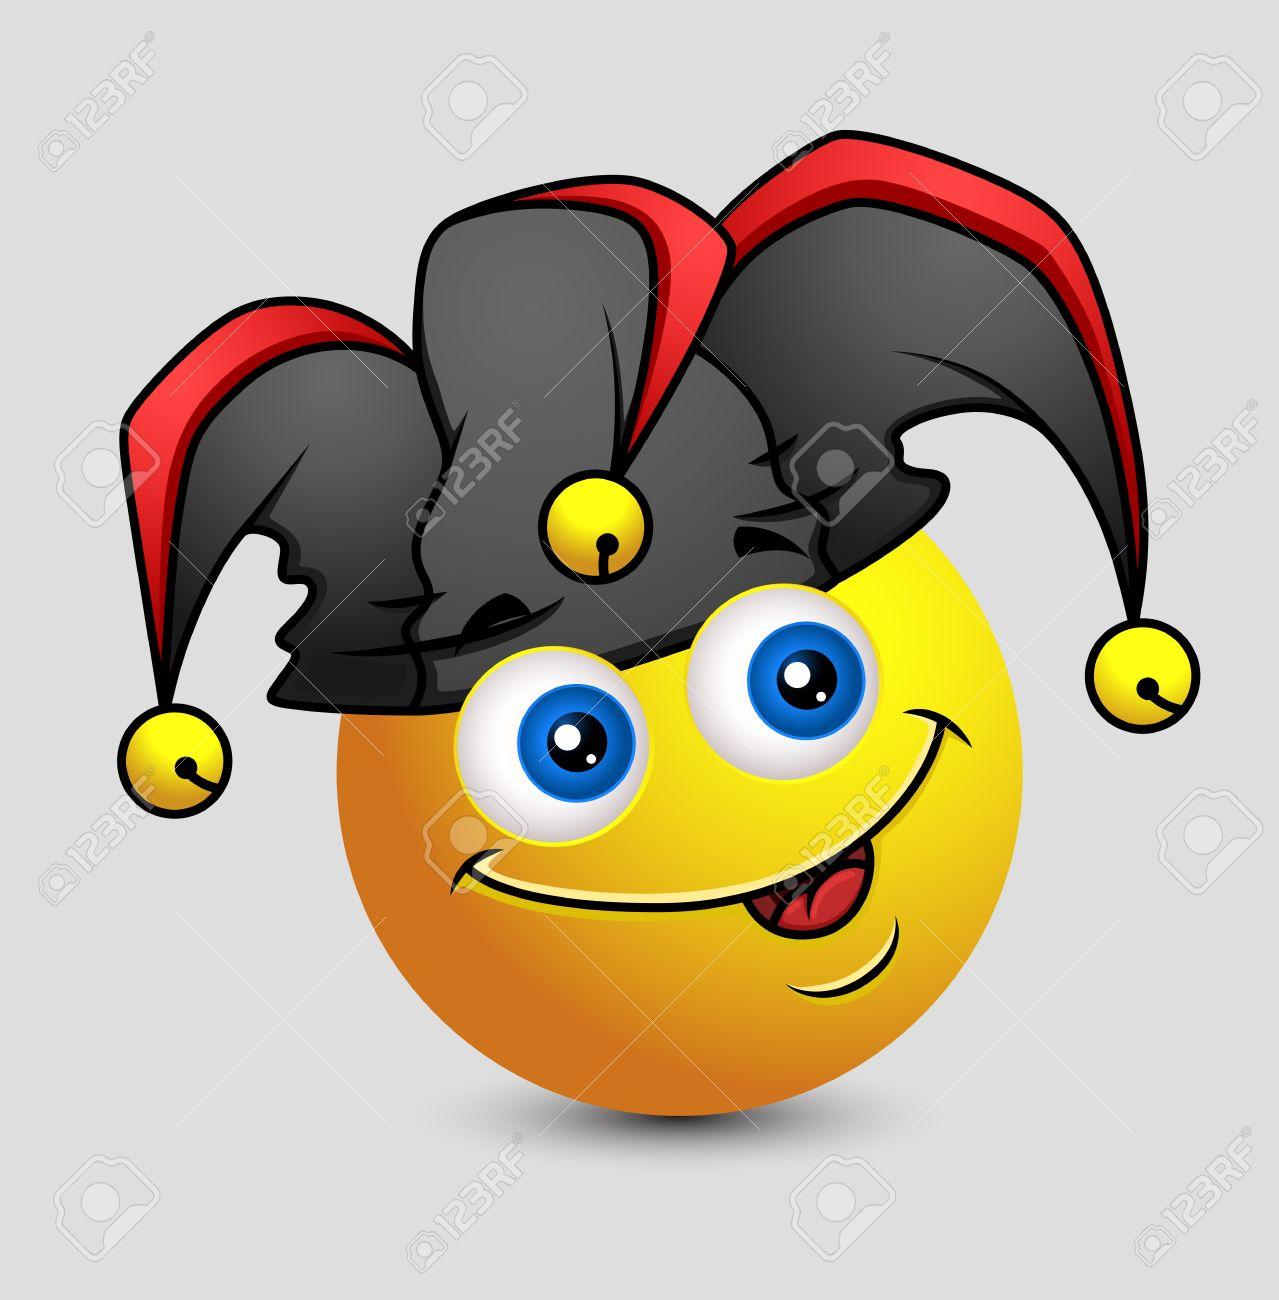 Image result for jester emoji